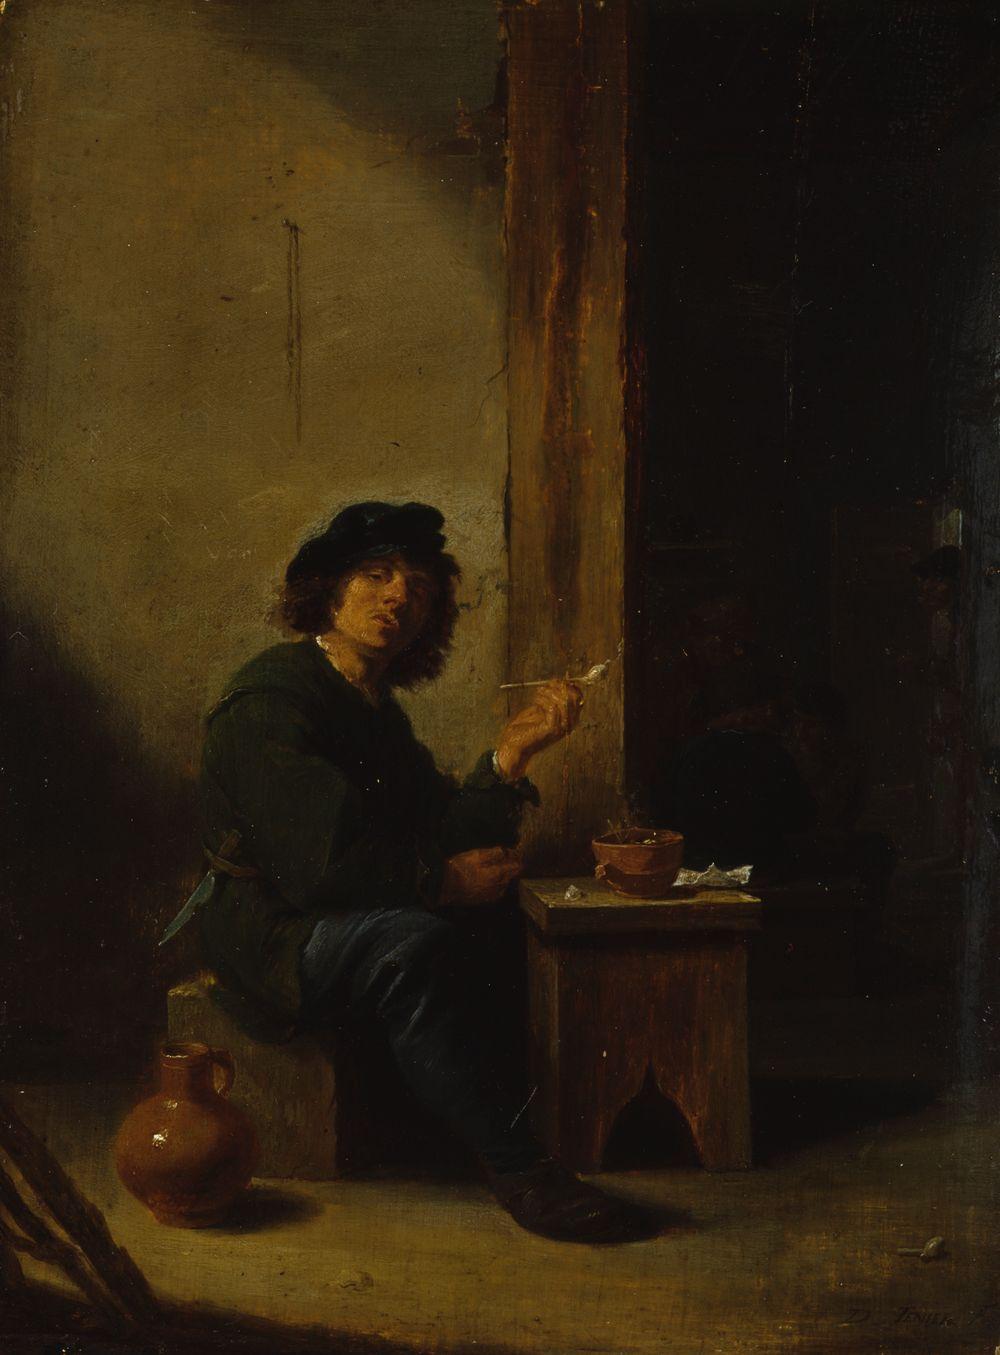 Tupakoiva mies